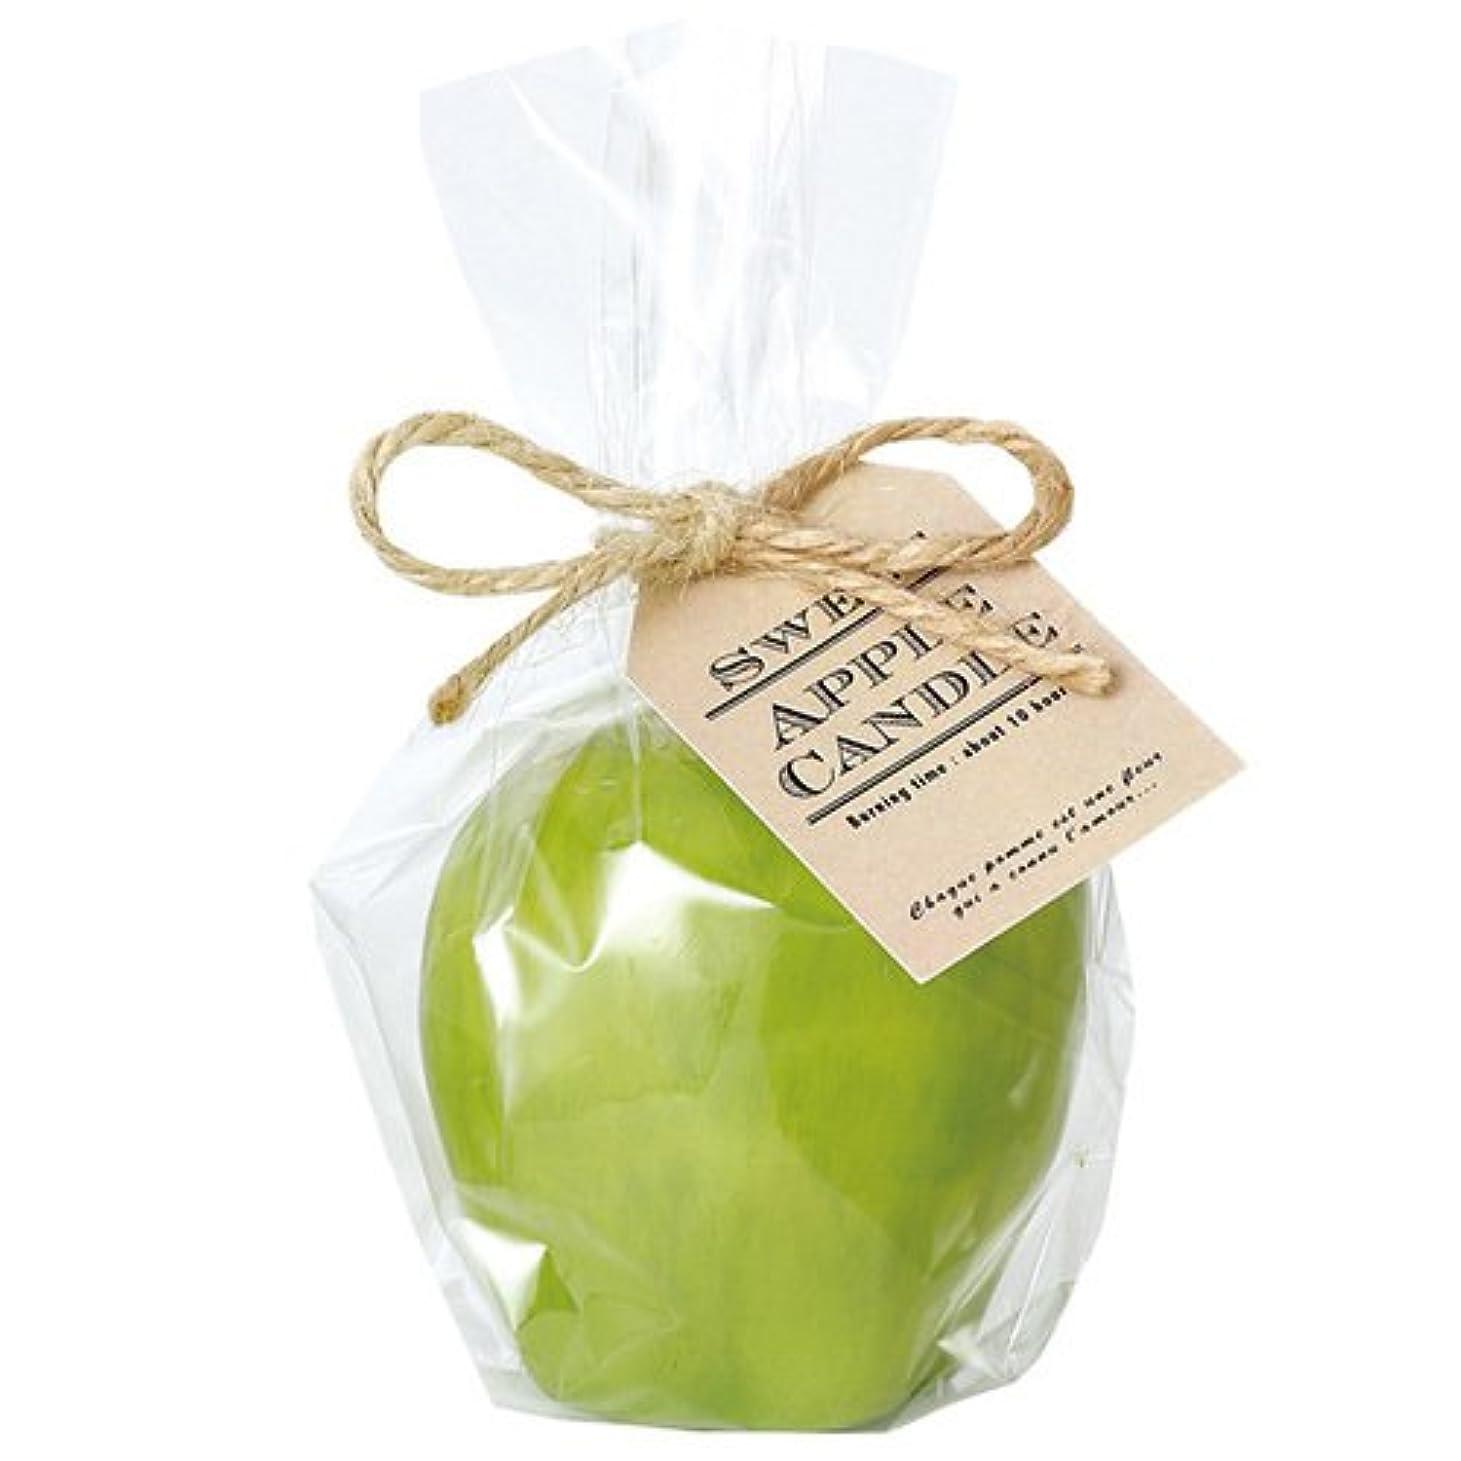 発揮する土砂降りショッキングカメヤマキャンドルハウス スイートアップルキャンドル グリーン アップルの香りつき